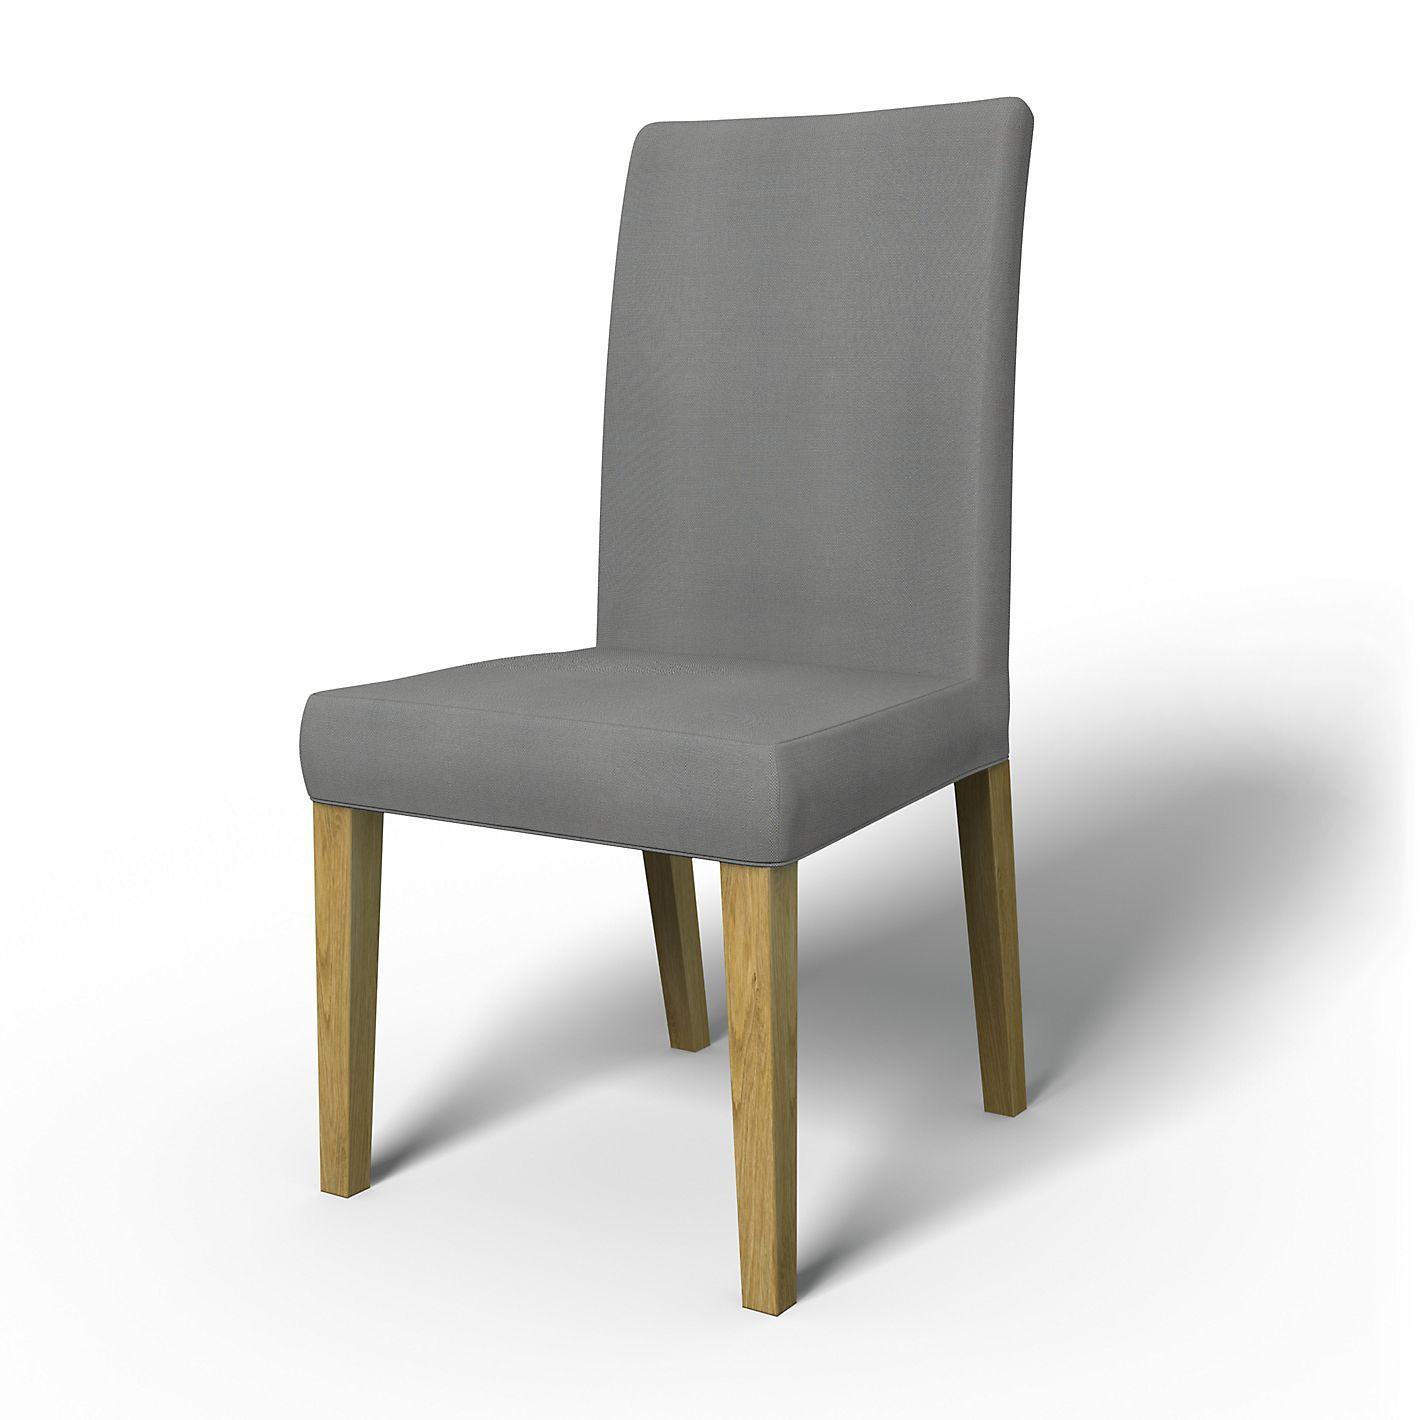 HenriksdalHousse Chaise Cover De CourteDeco Henriksdal Chair lJ51T3uKcF